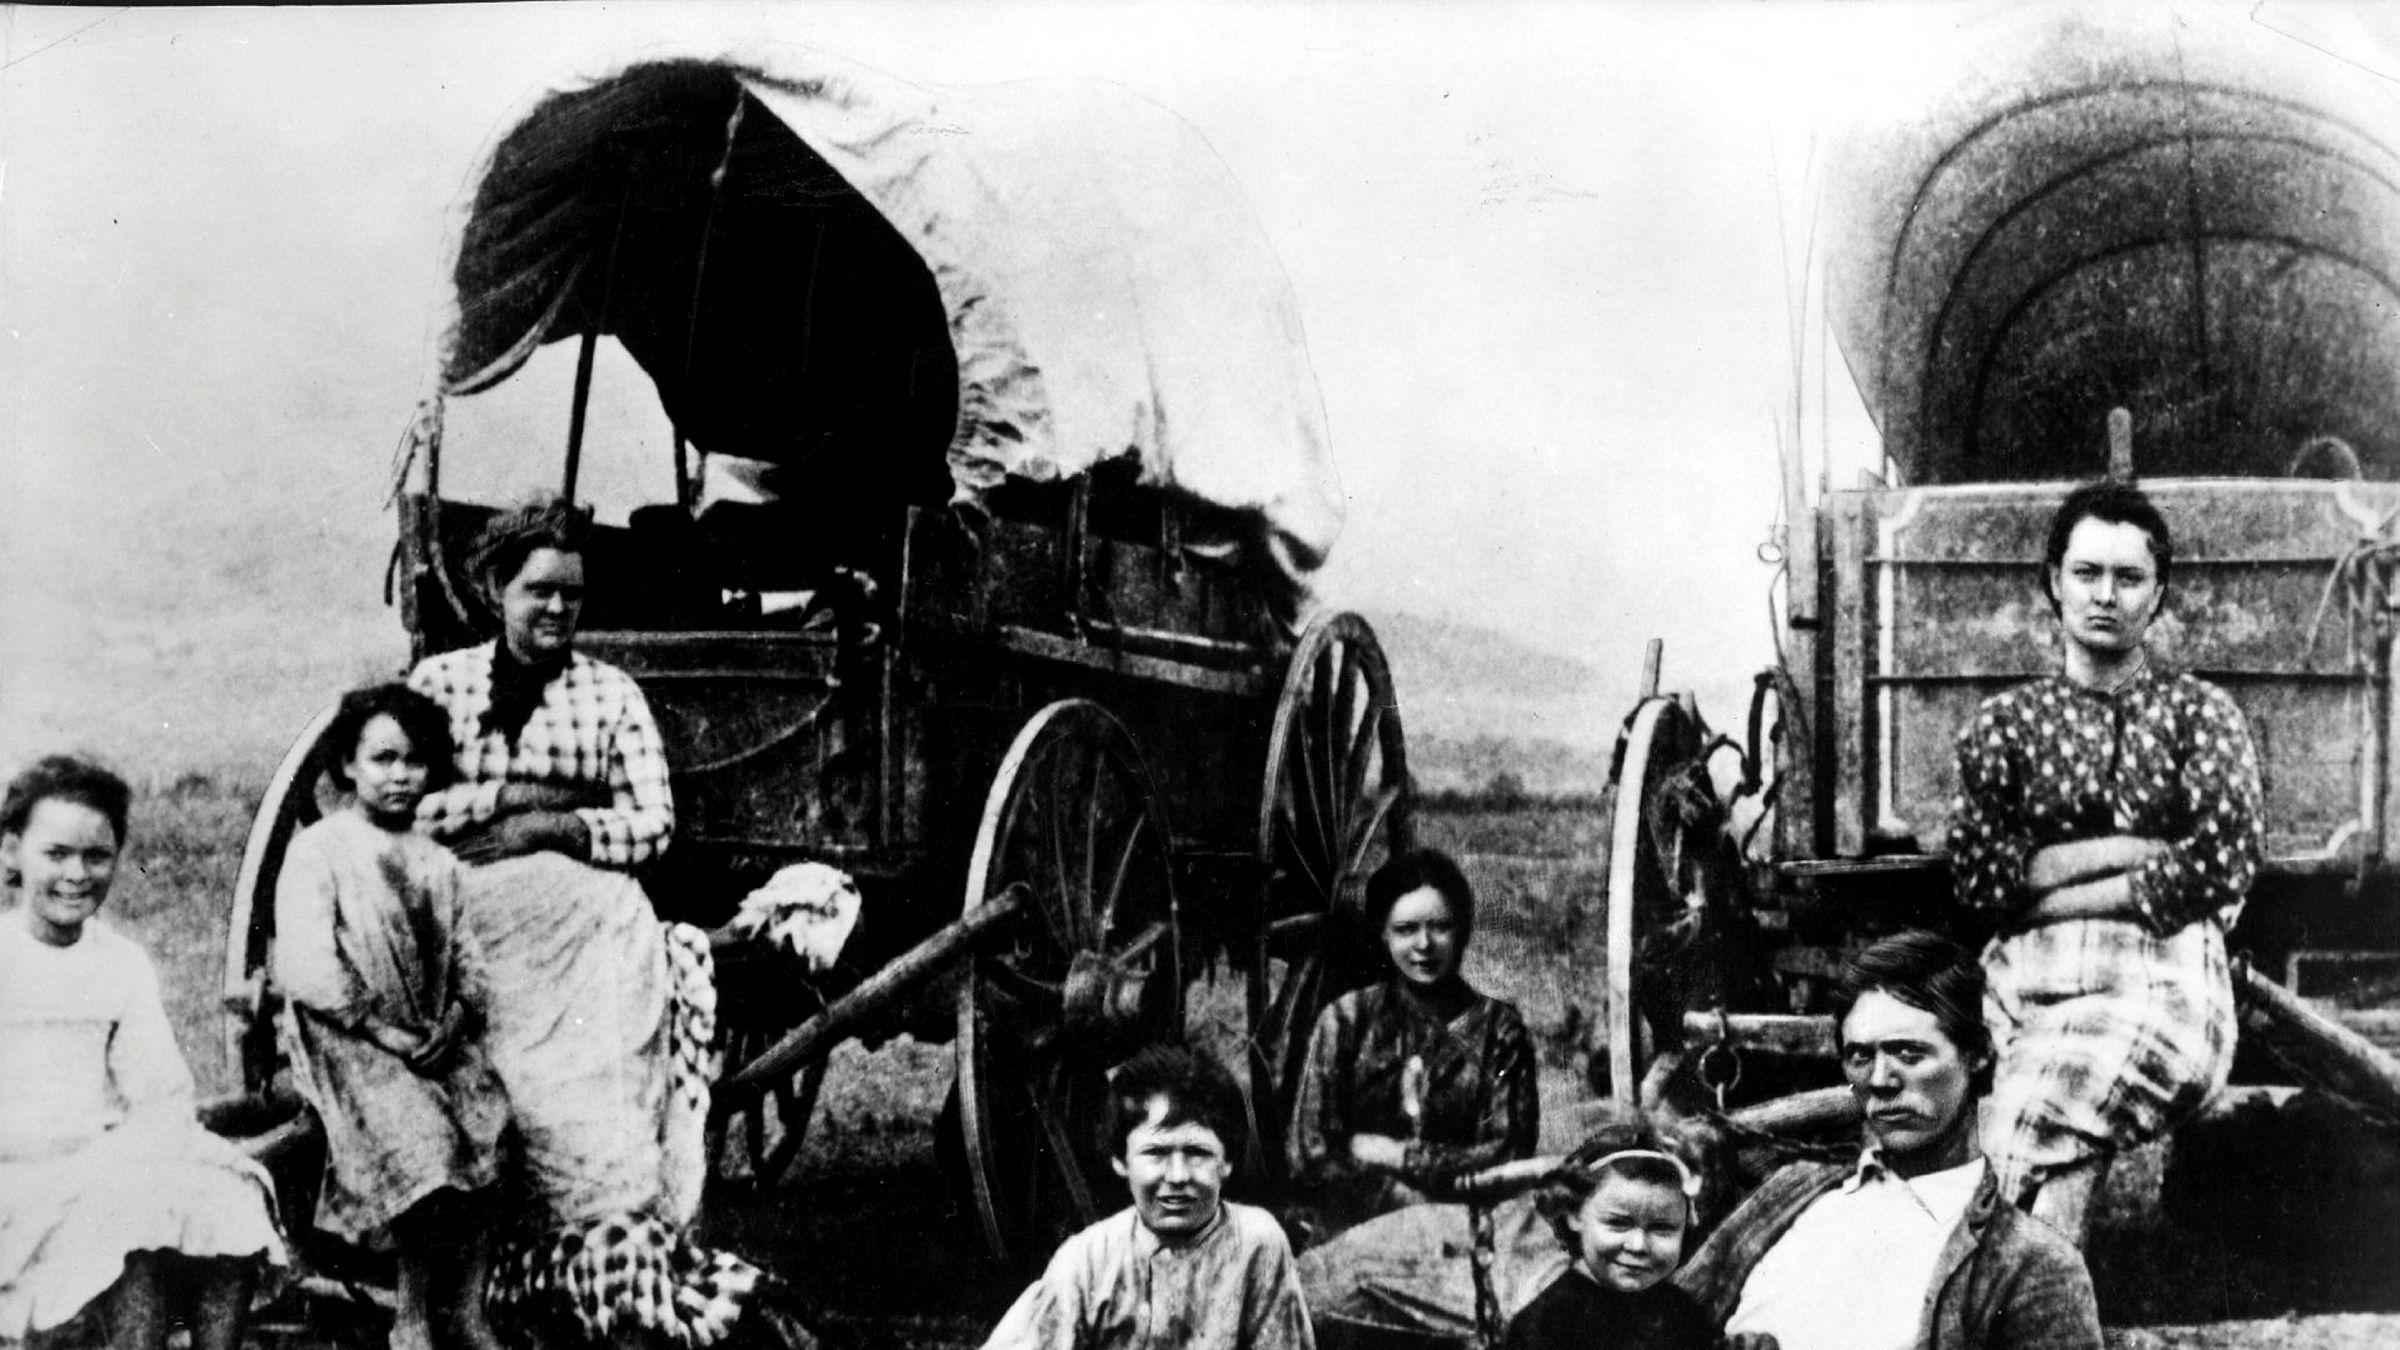 På store deler av 1800-tallet var USA verdens mest egalitære land, skriver artikkelforfatteren. Bildet viser nybyggere på vei vestover langs Oregon Trail til California.